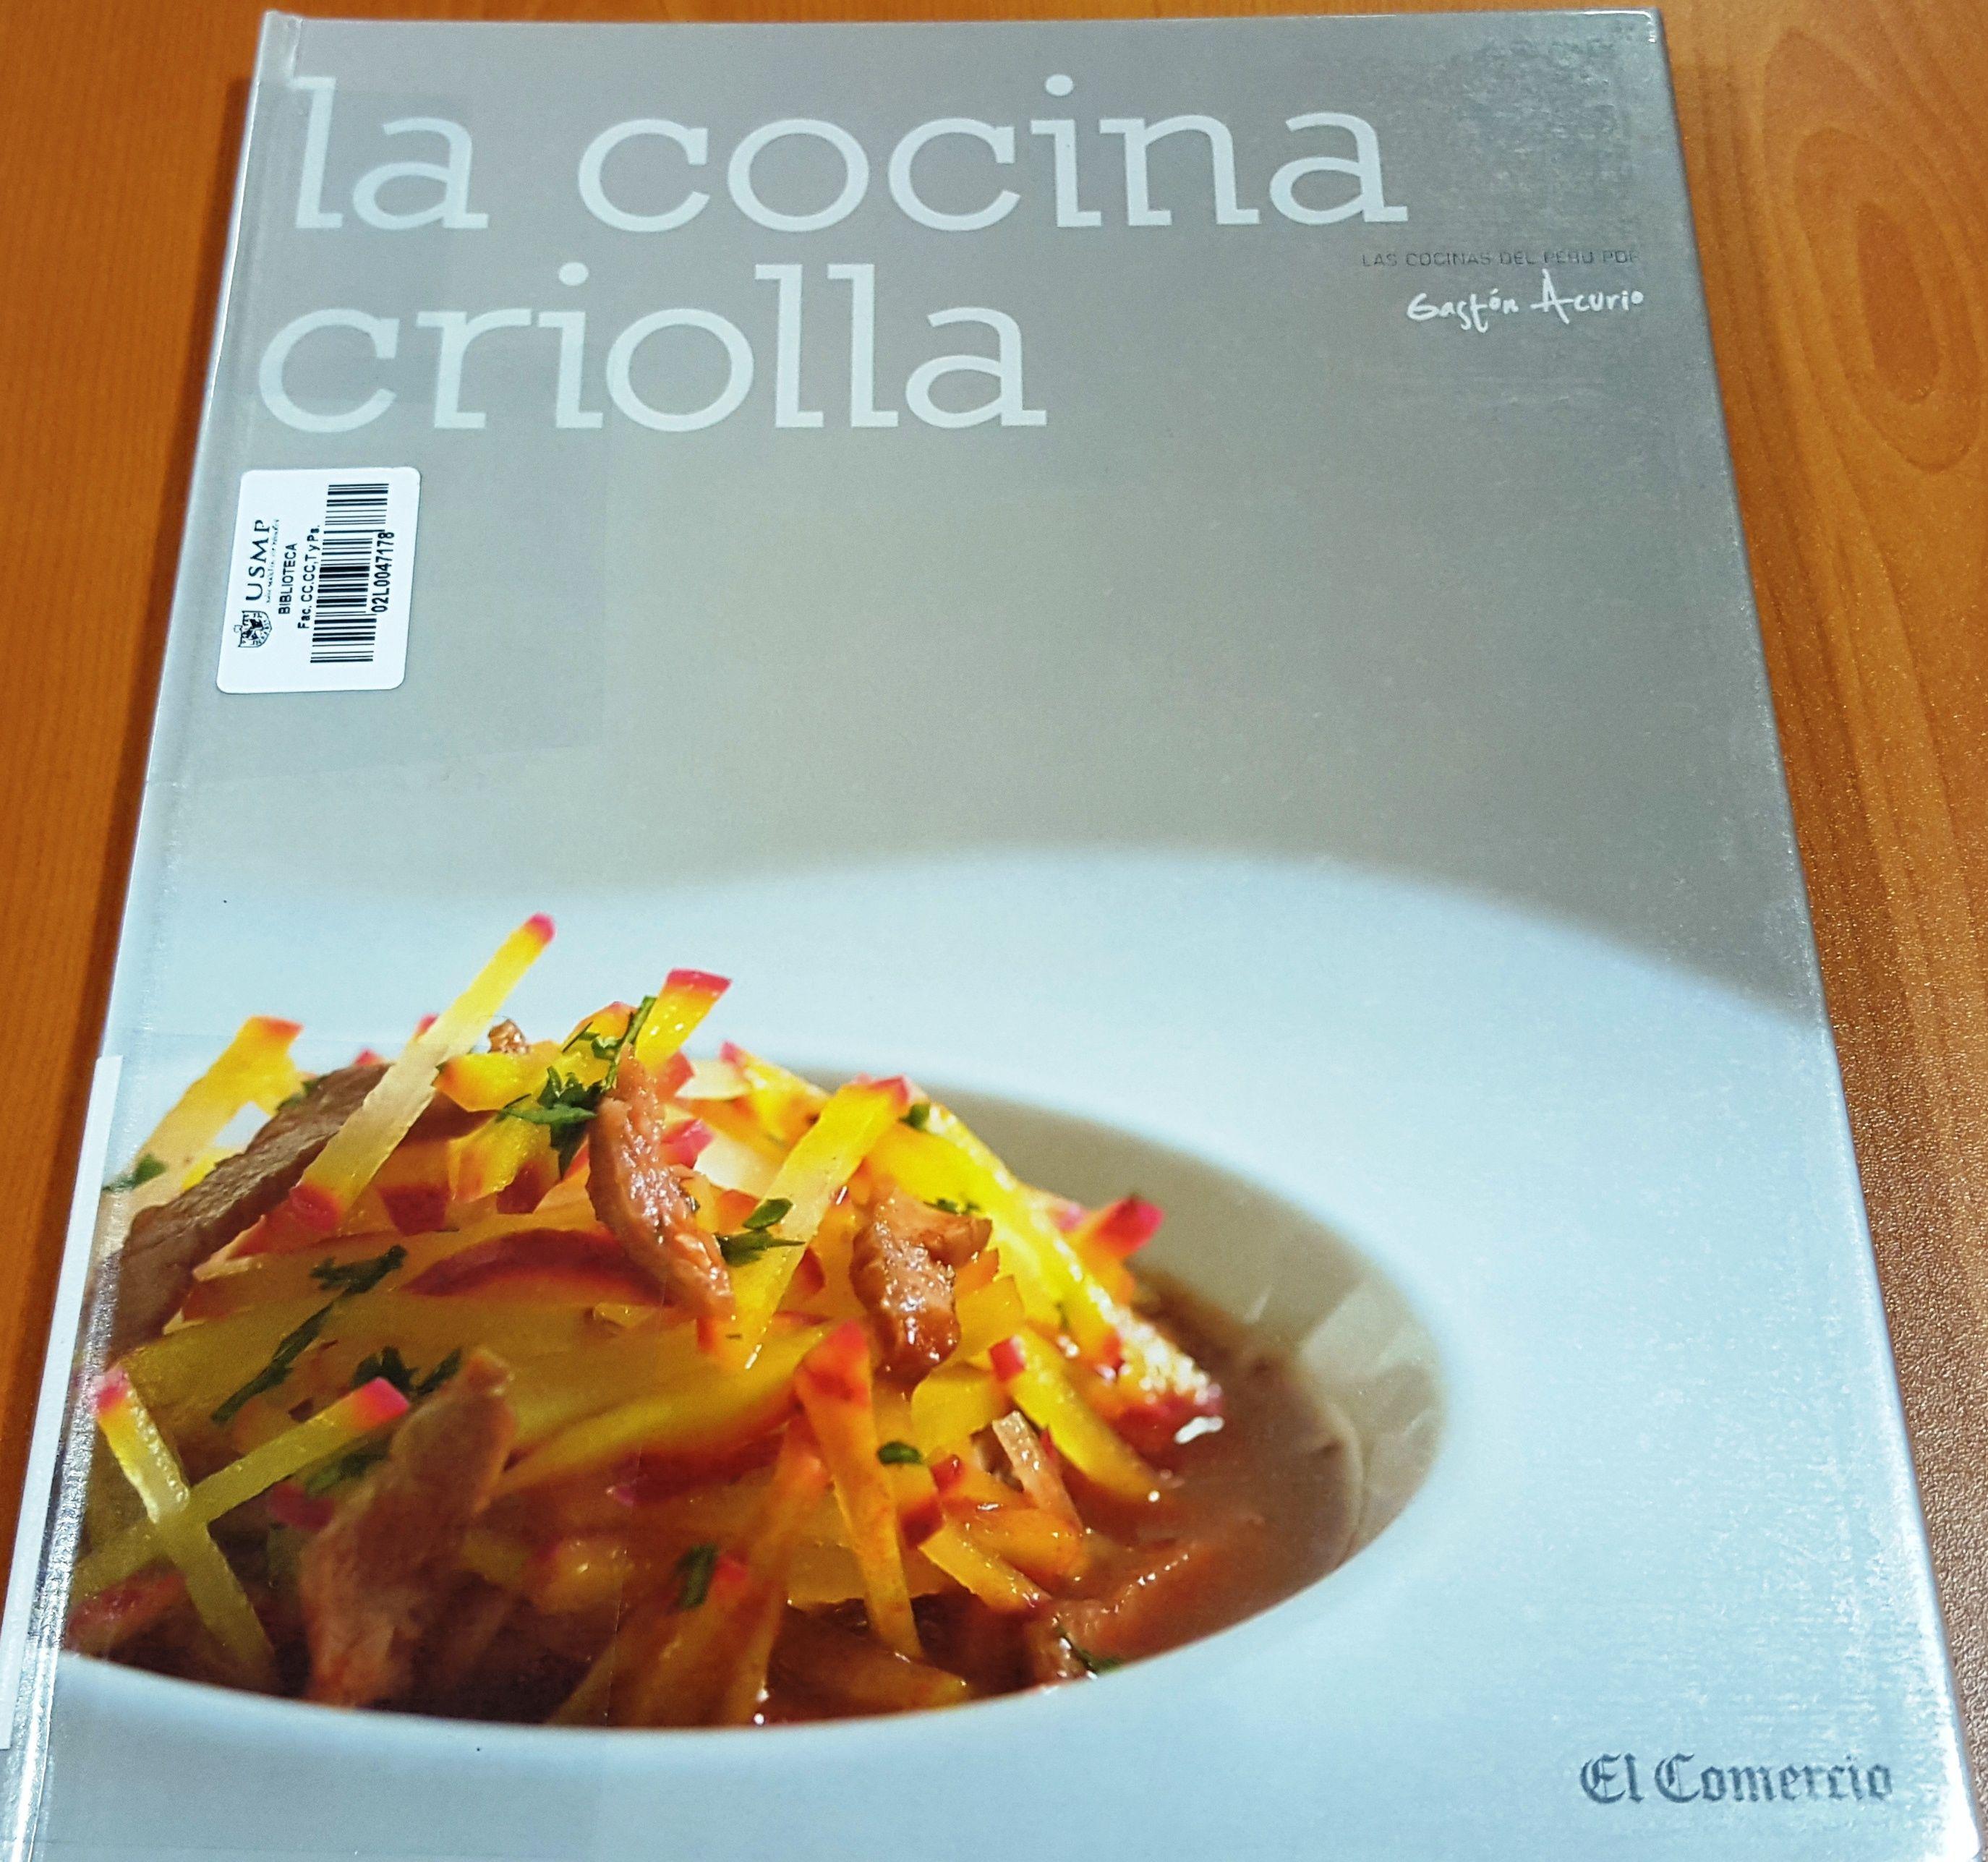 Título: La cocina criolla / Autor: Acurio, Gastón /  Ubicación: FCCTP – Gastronomía – Tercer piso / Código: G/PE/ 641.5 A19CP 1